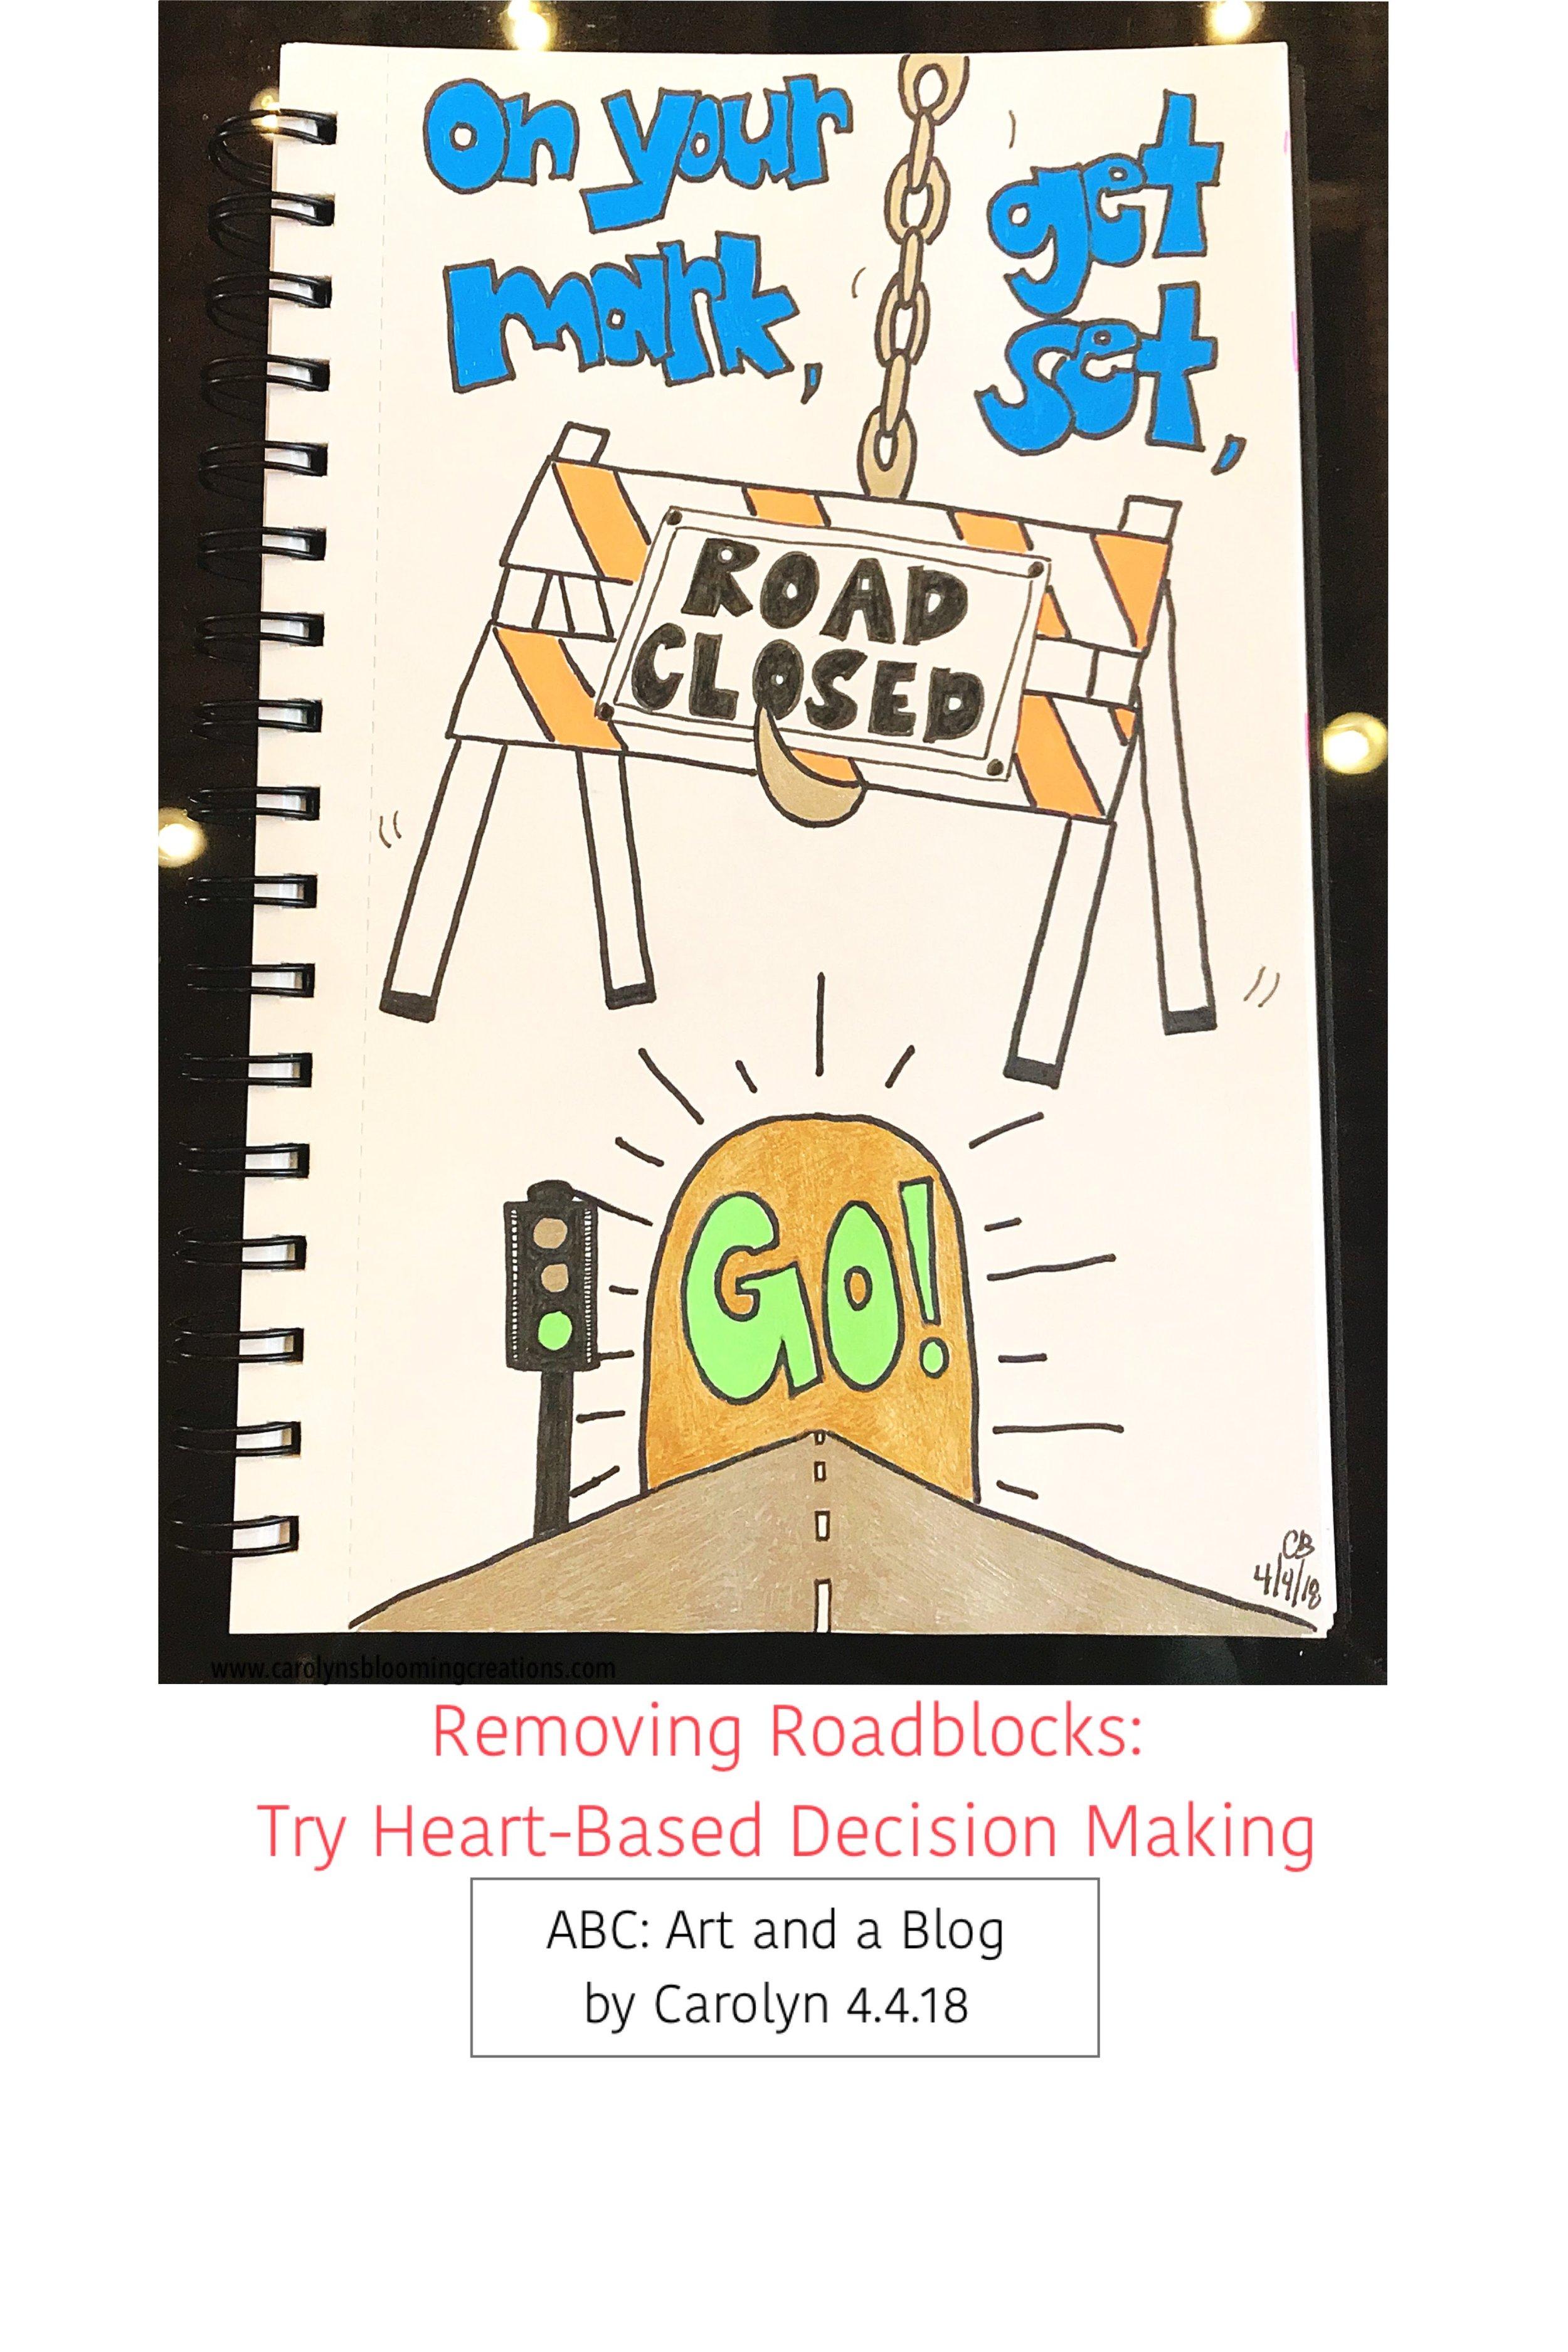 Art by Carolyn J. Braden: Removing Roadblocks